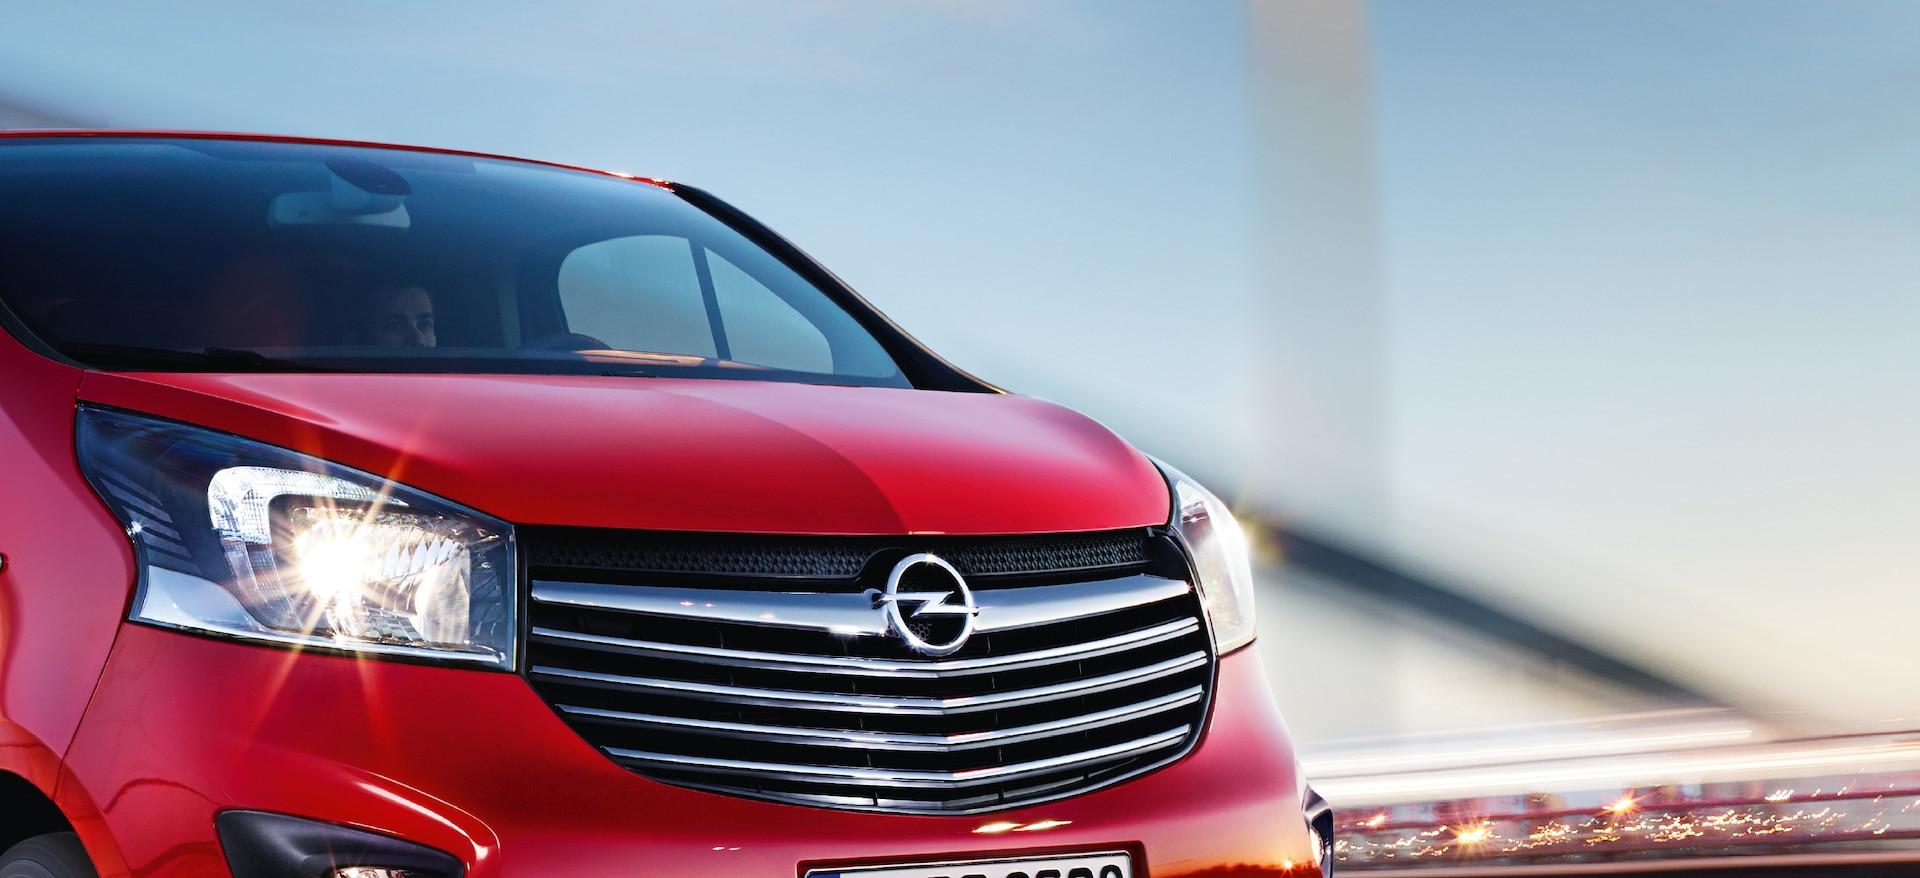 Opel_Vivaro_21x9_vi15_e01_653.jpg